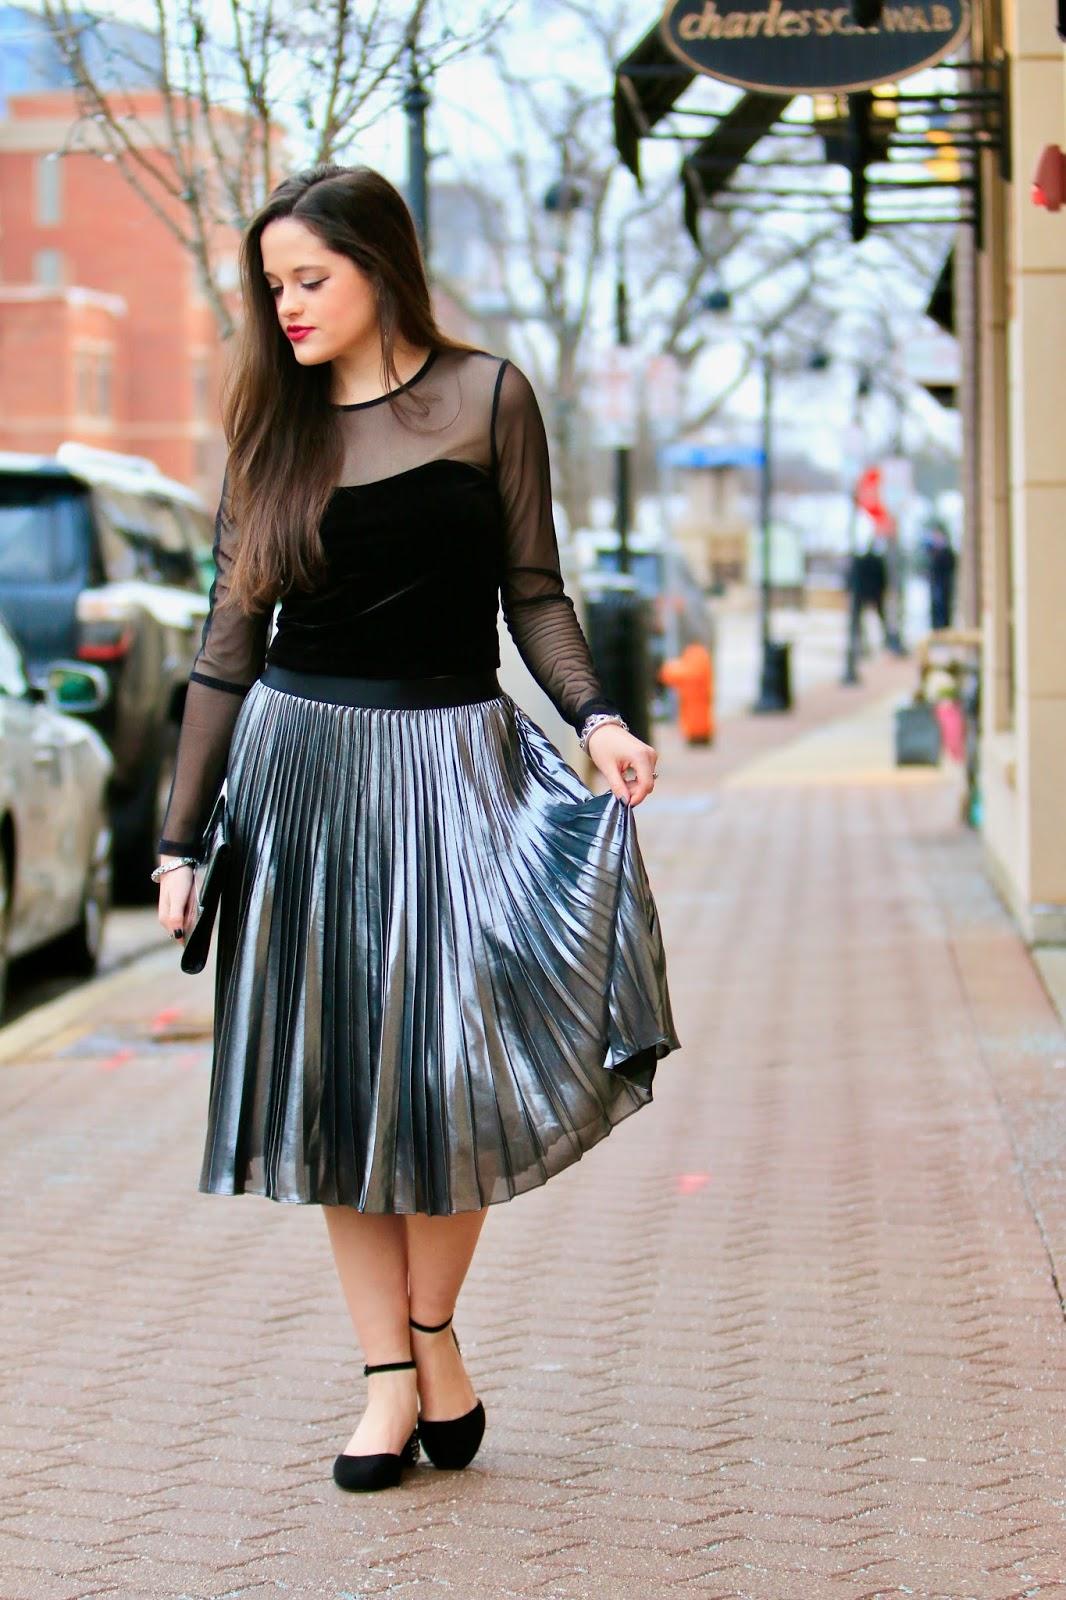 metallic pleated skirt pics